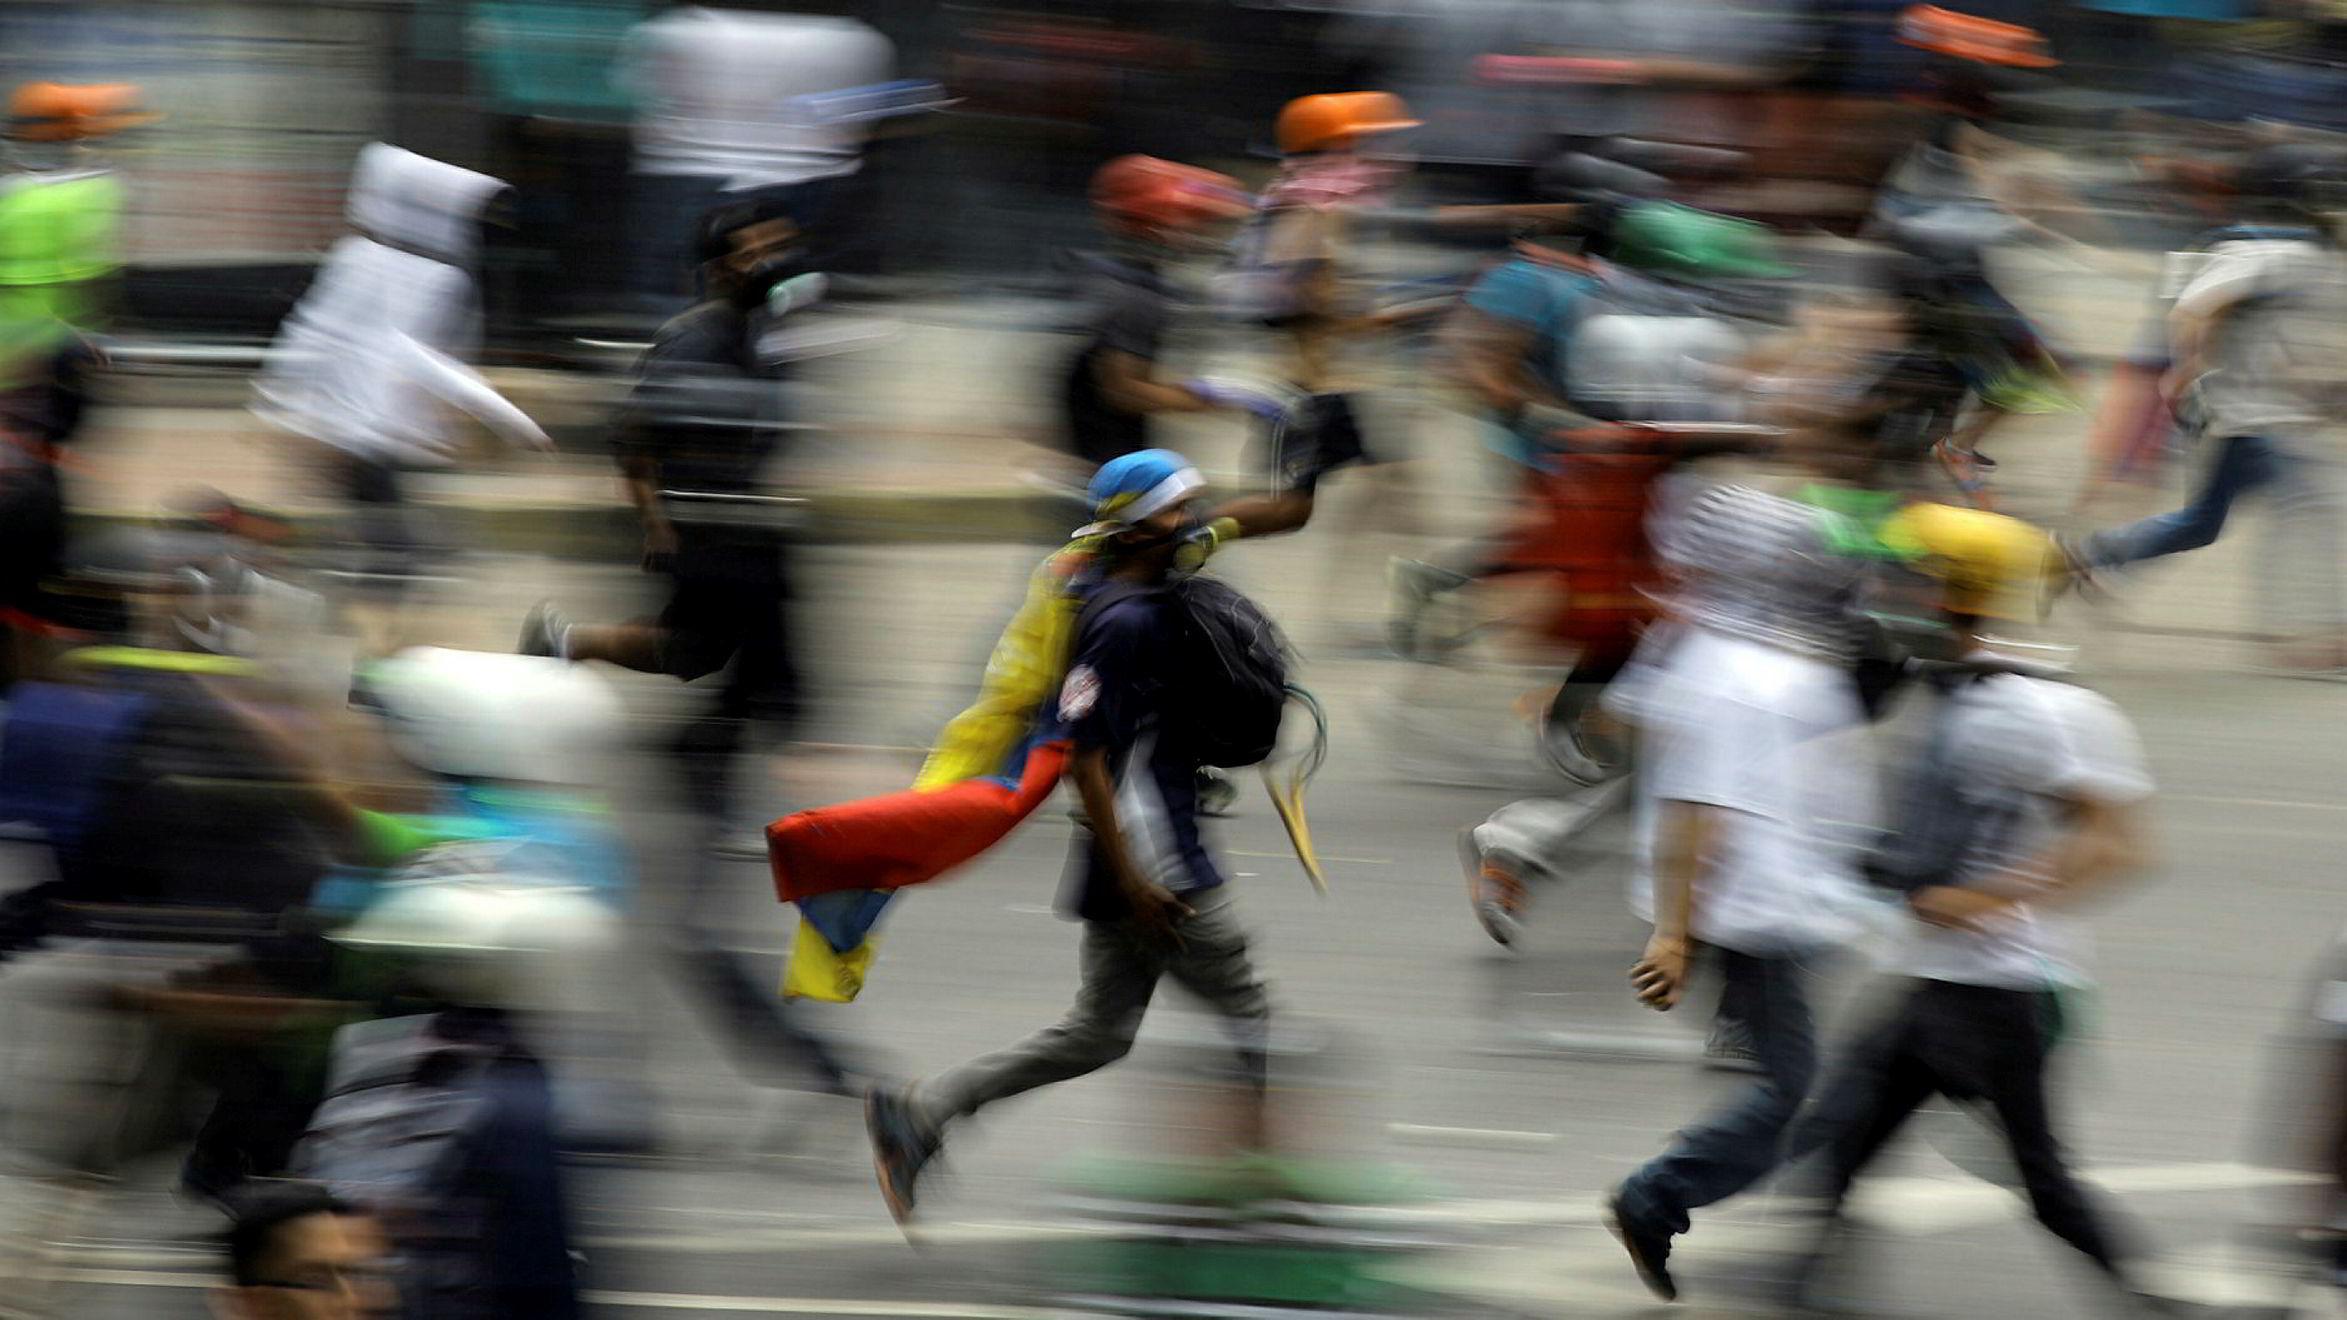 Krisen i Venezuela fortsetter. Og det er daglige demonstrasjoner og sammenstød sikkerhetsstyrkene i landet.